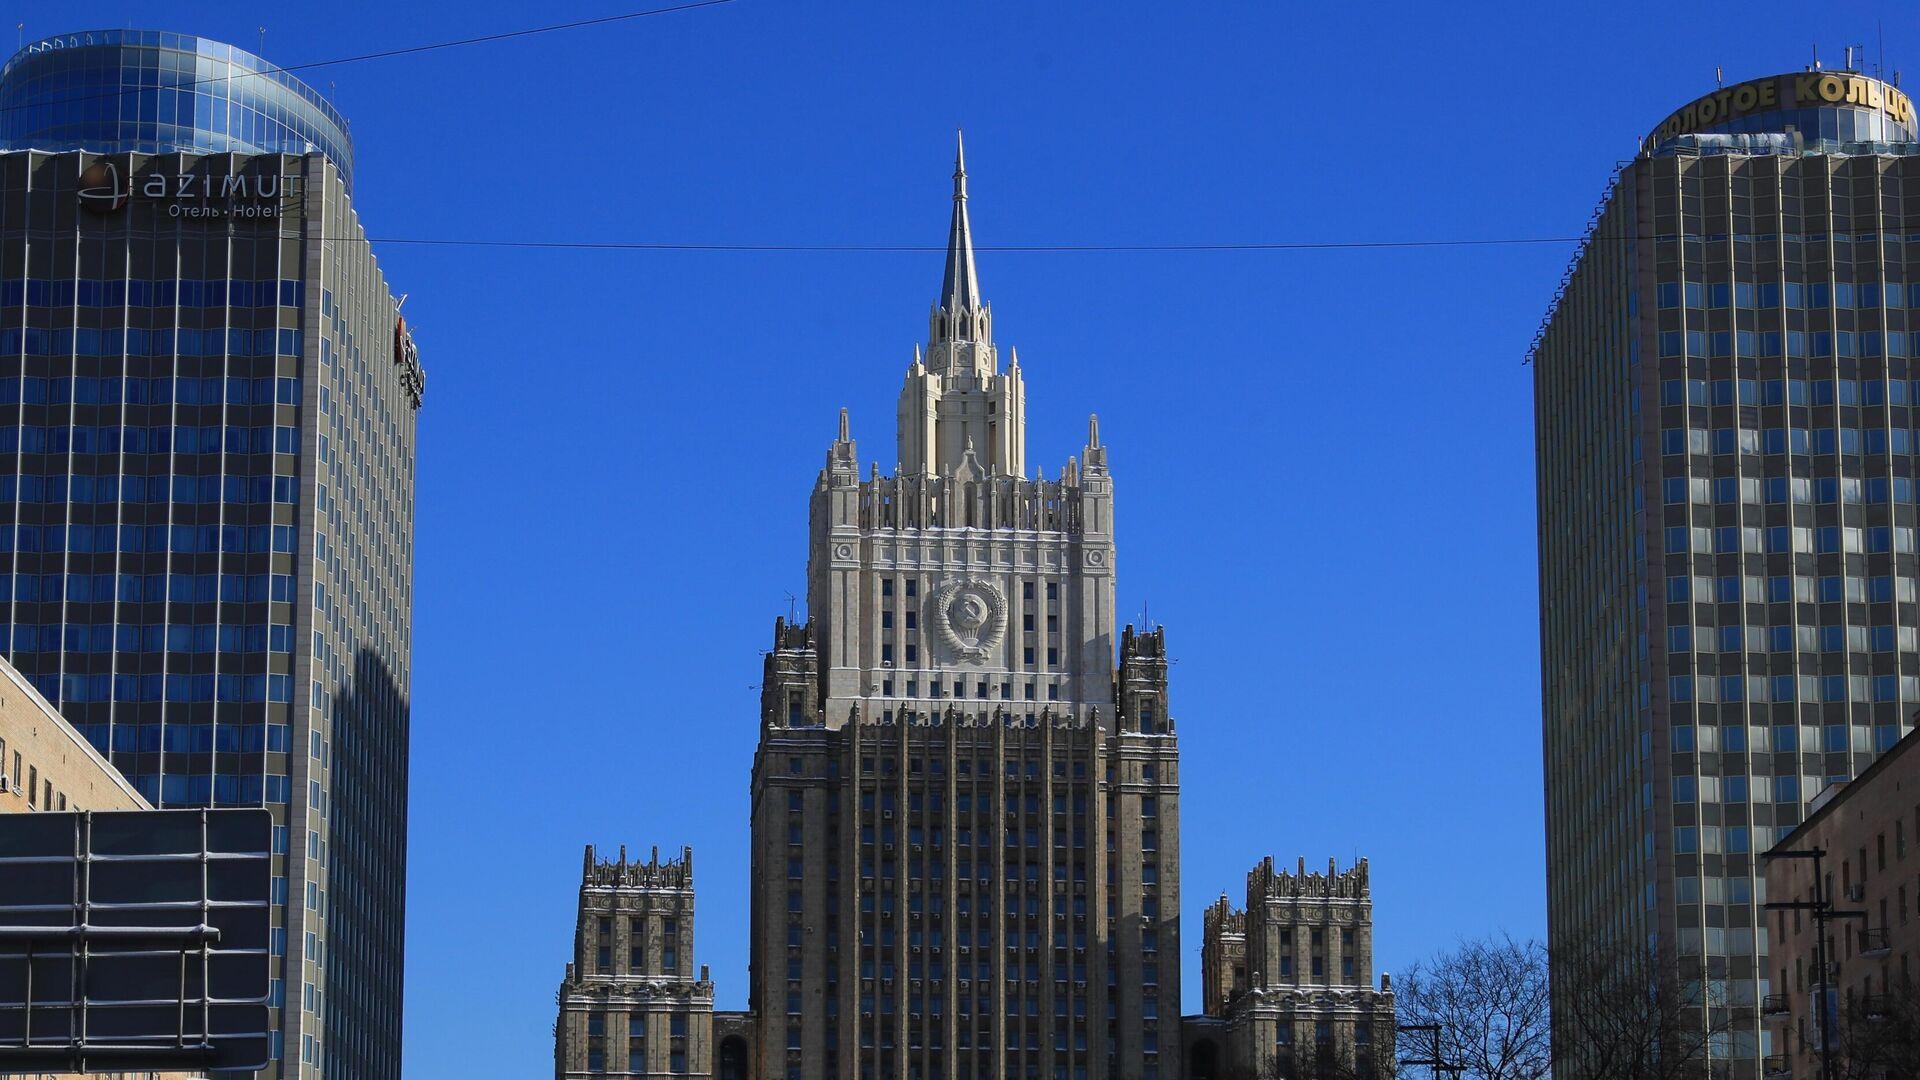 Здание Министерства иностранных дел РФ  - РИА Новости, 1920, 02.03.2021